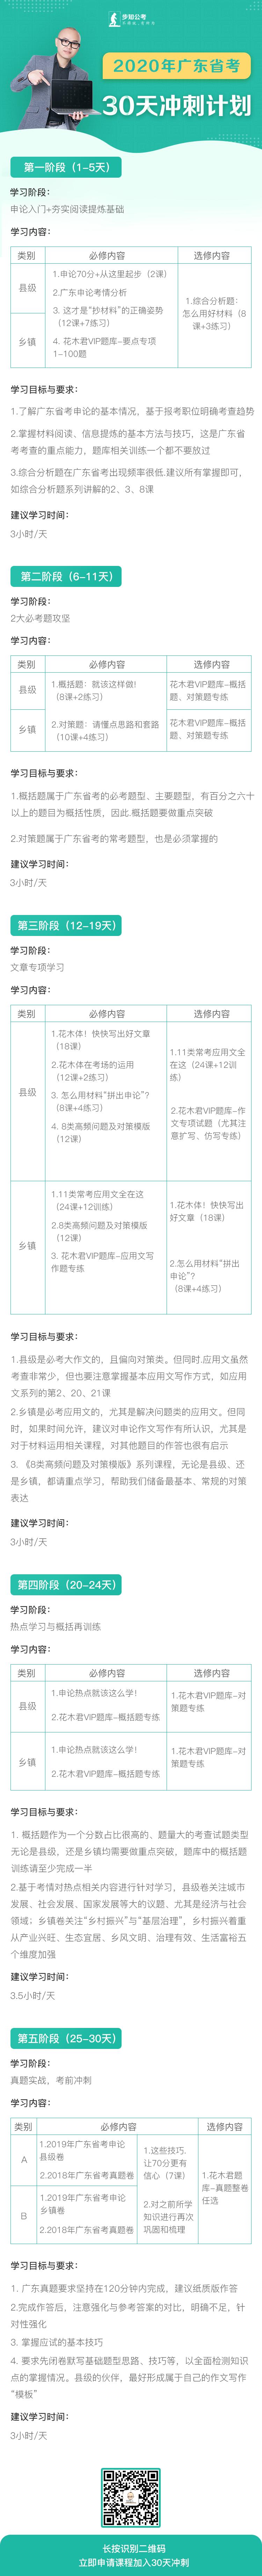 广东30天计划.png